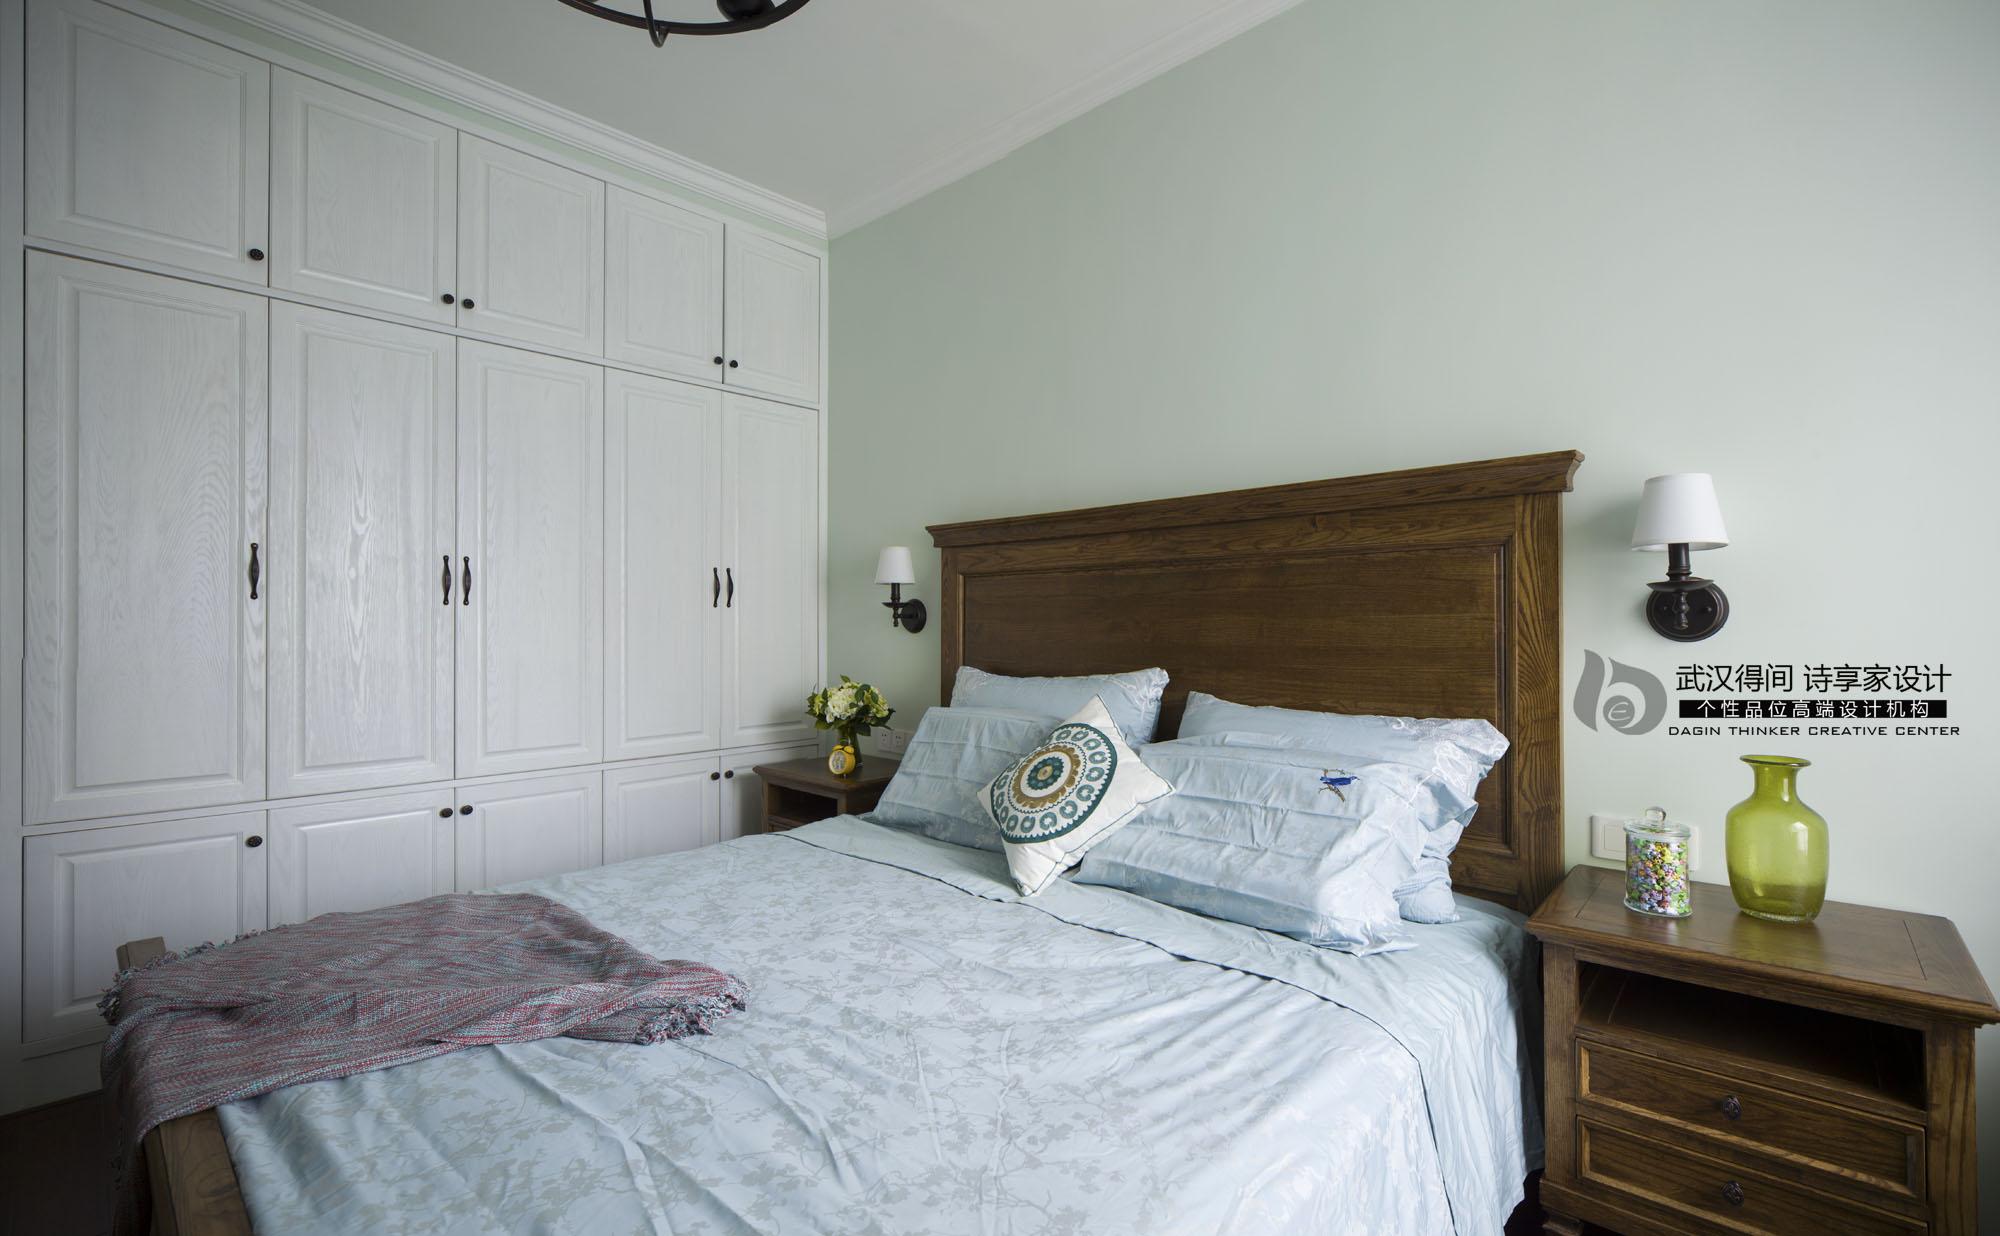 卧室图片来自得间诗享家设计在初·遇的分享